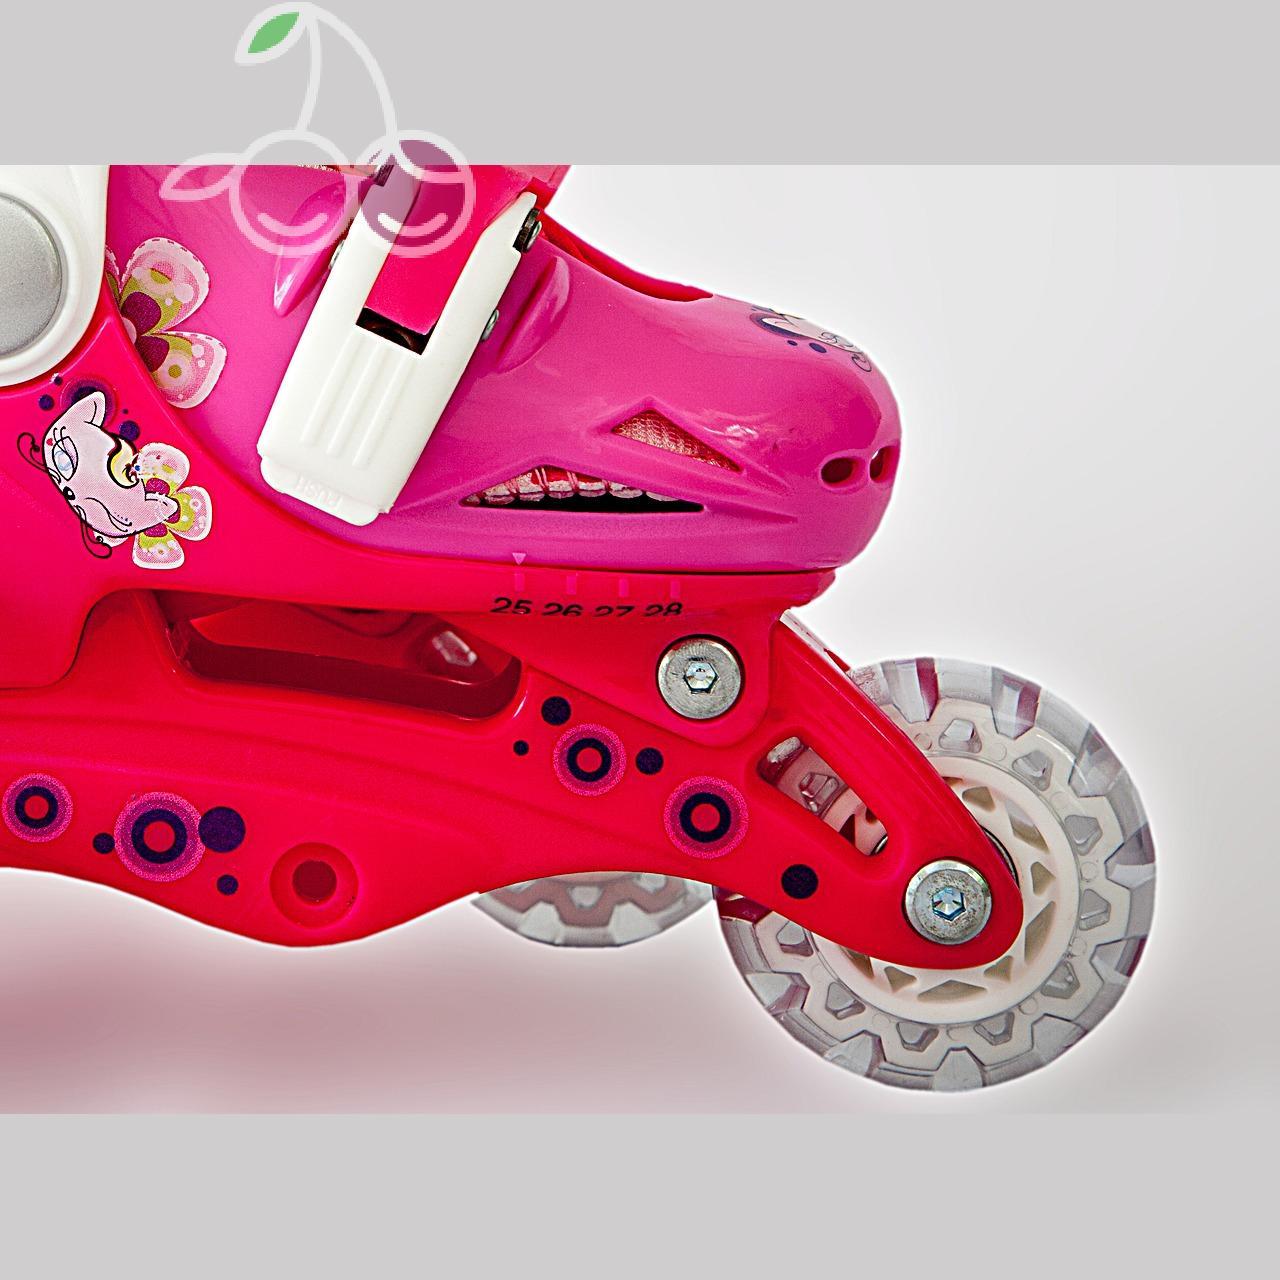 Роликовые коньки детские 28 размер, для обучения (трансформеры, раздвижной ботинок) MagicWheels розовые, - фото 6